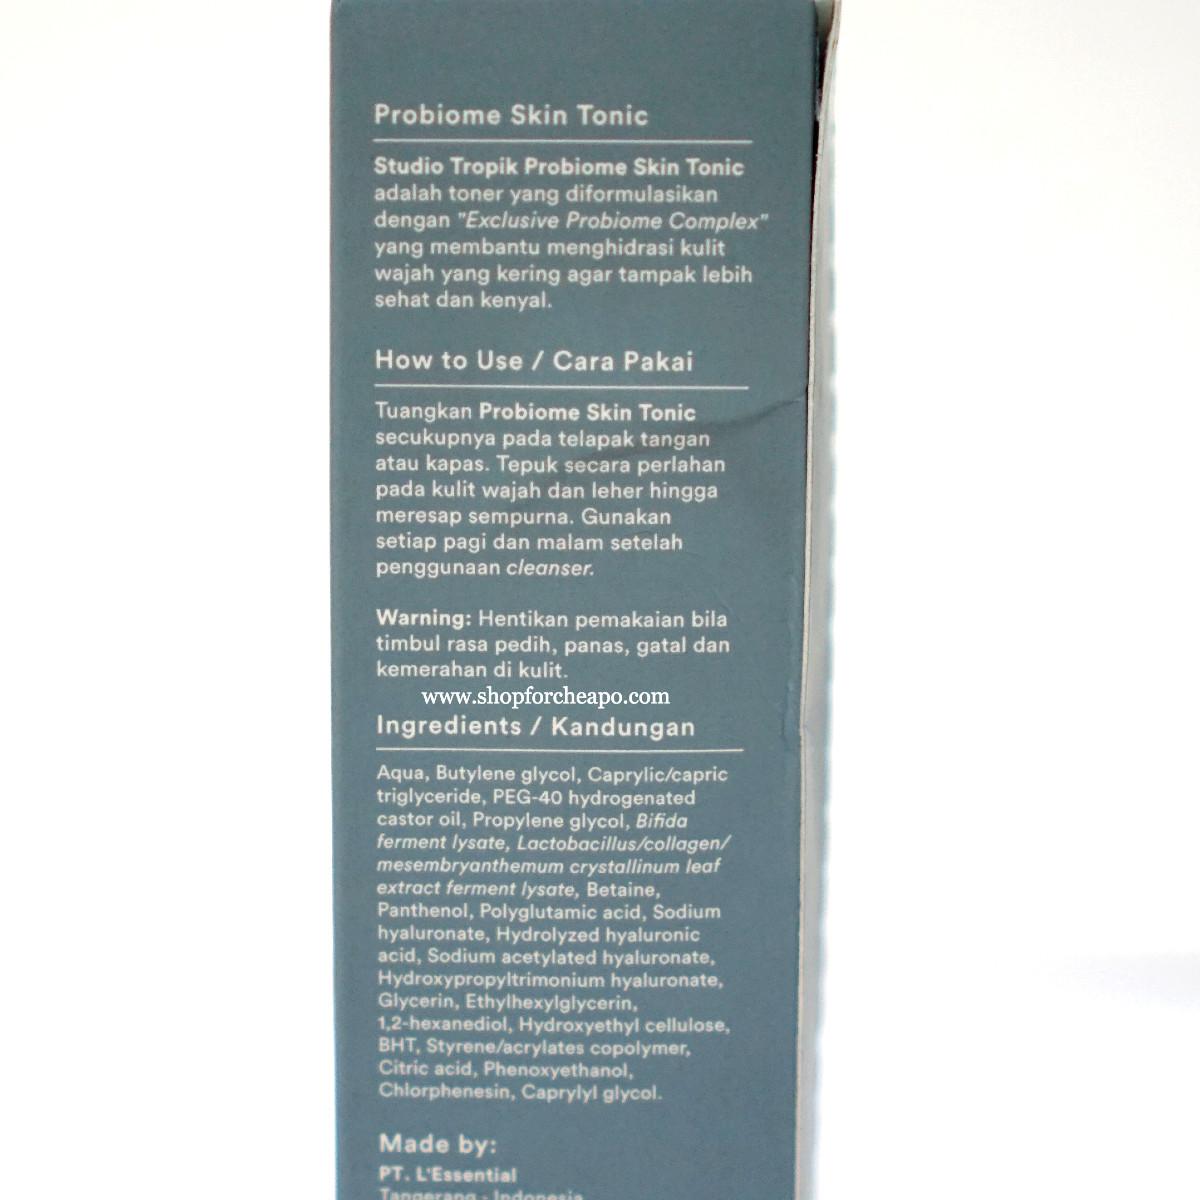 di kardus juga ada penjelasan lengkap dan komposisi lengkap